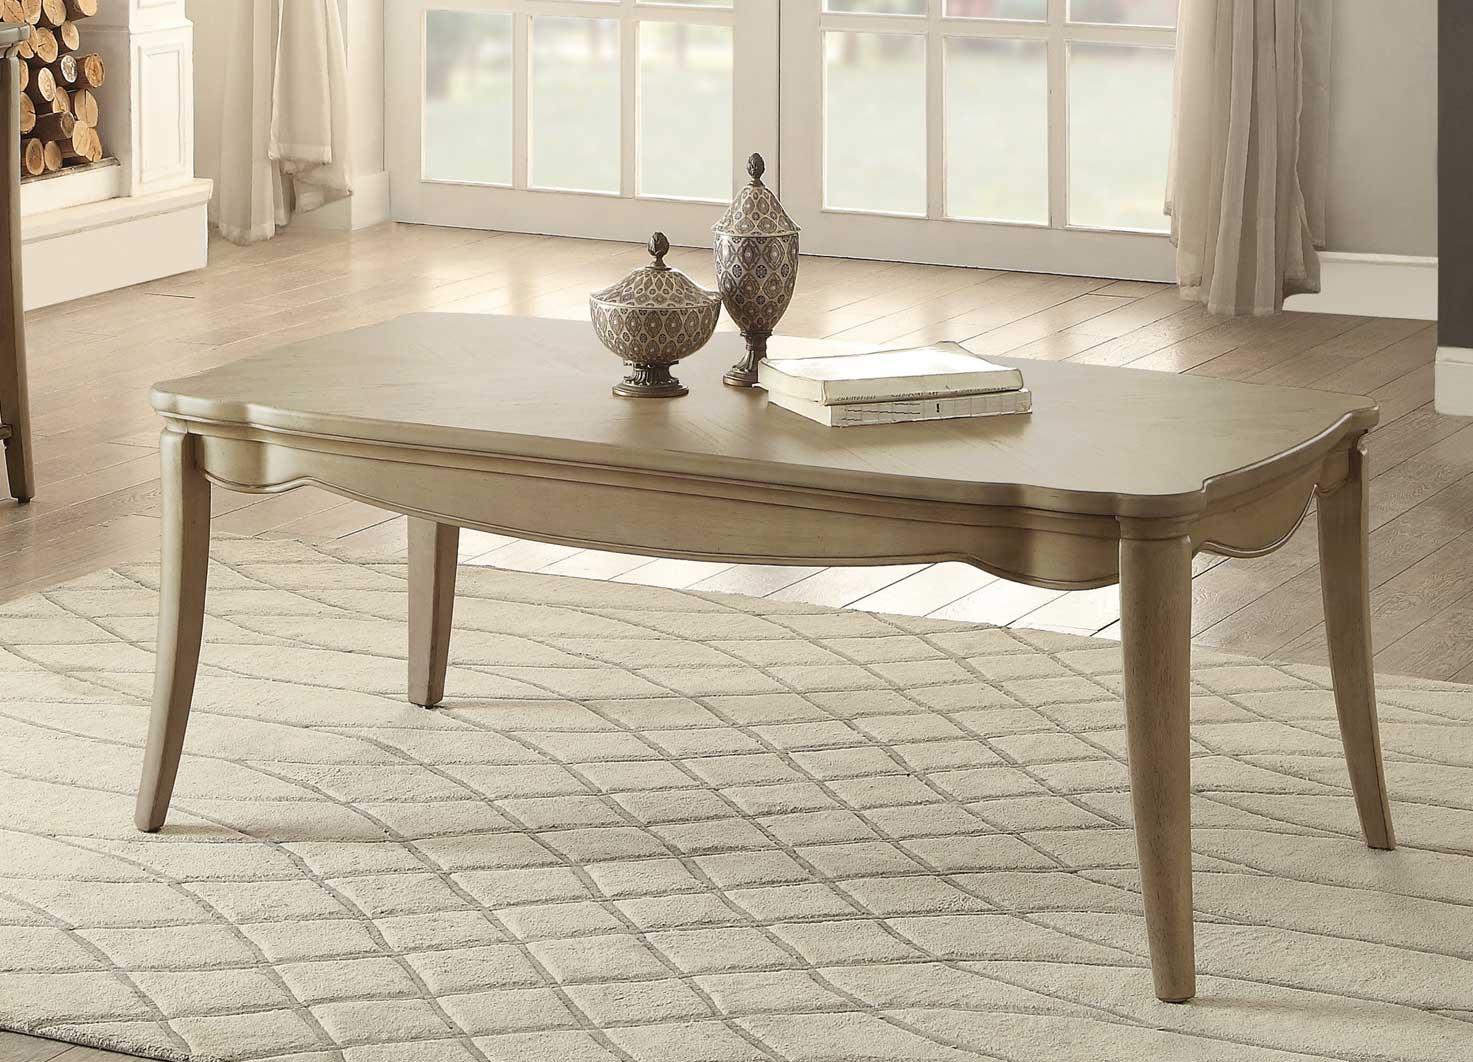 Homelegance Ashden Cocktail Table - Driftwood